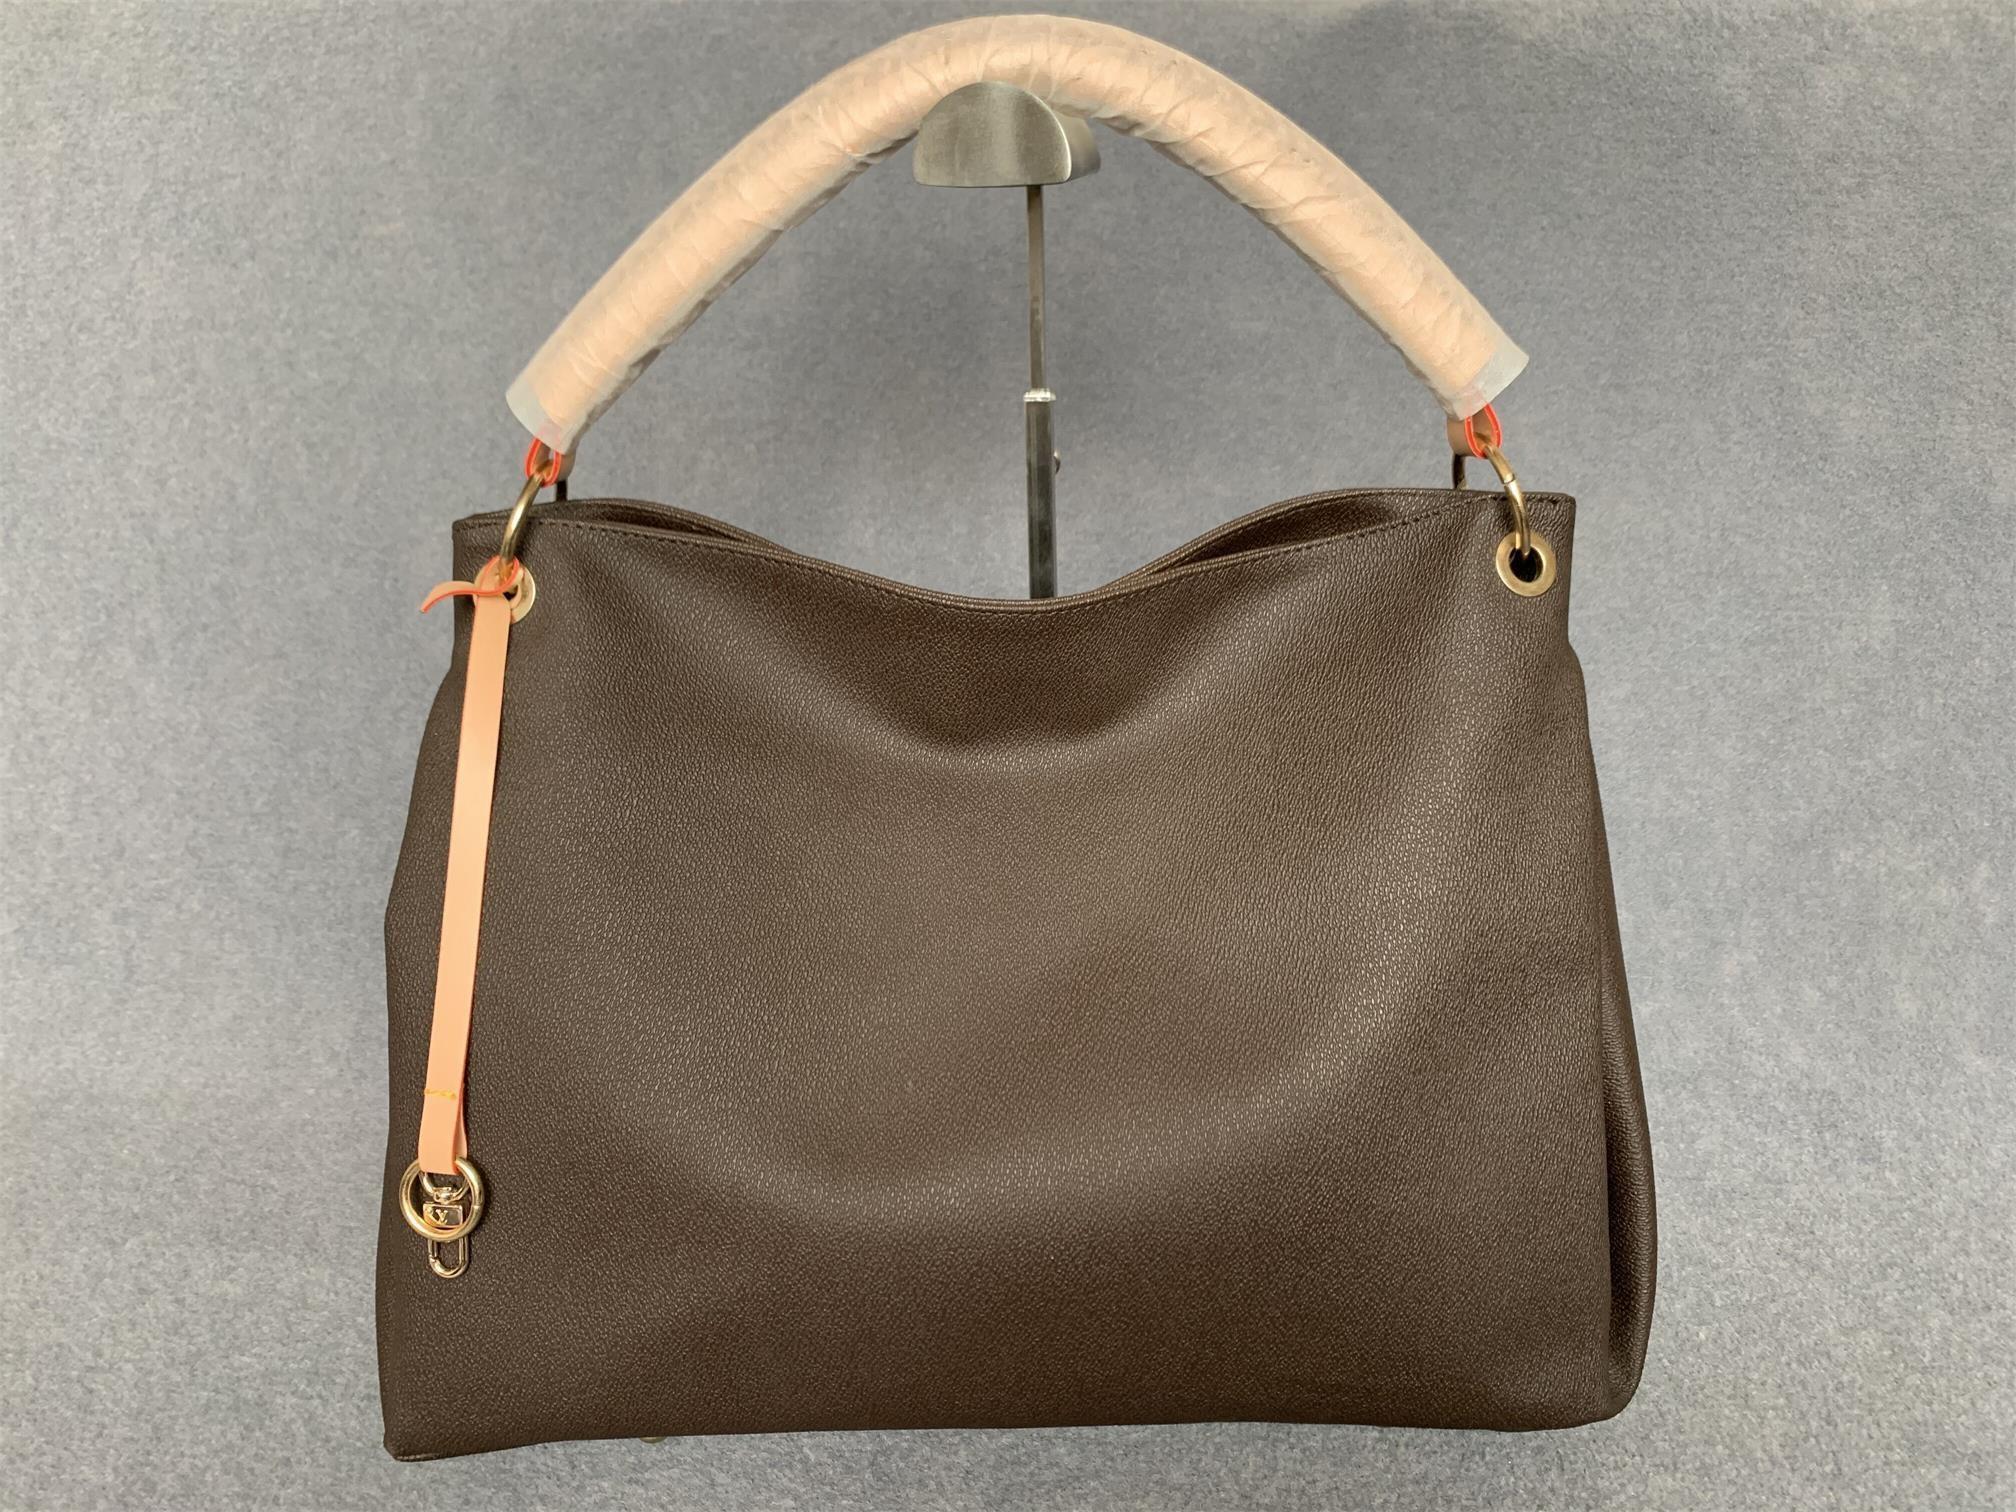 مصممي Artsy الأزياء الفاخرة l زهرة عالية الجودة السيدات حقيبة crossbody حقائب جلدية على سلسلة المرأة الشهيرة حقائب الكتف حقيبة